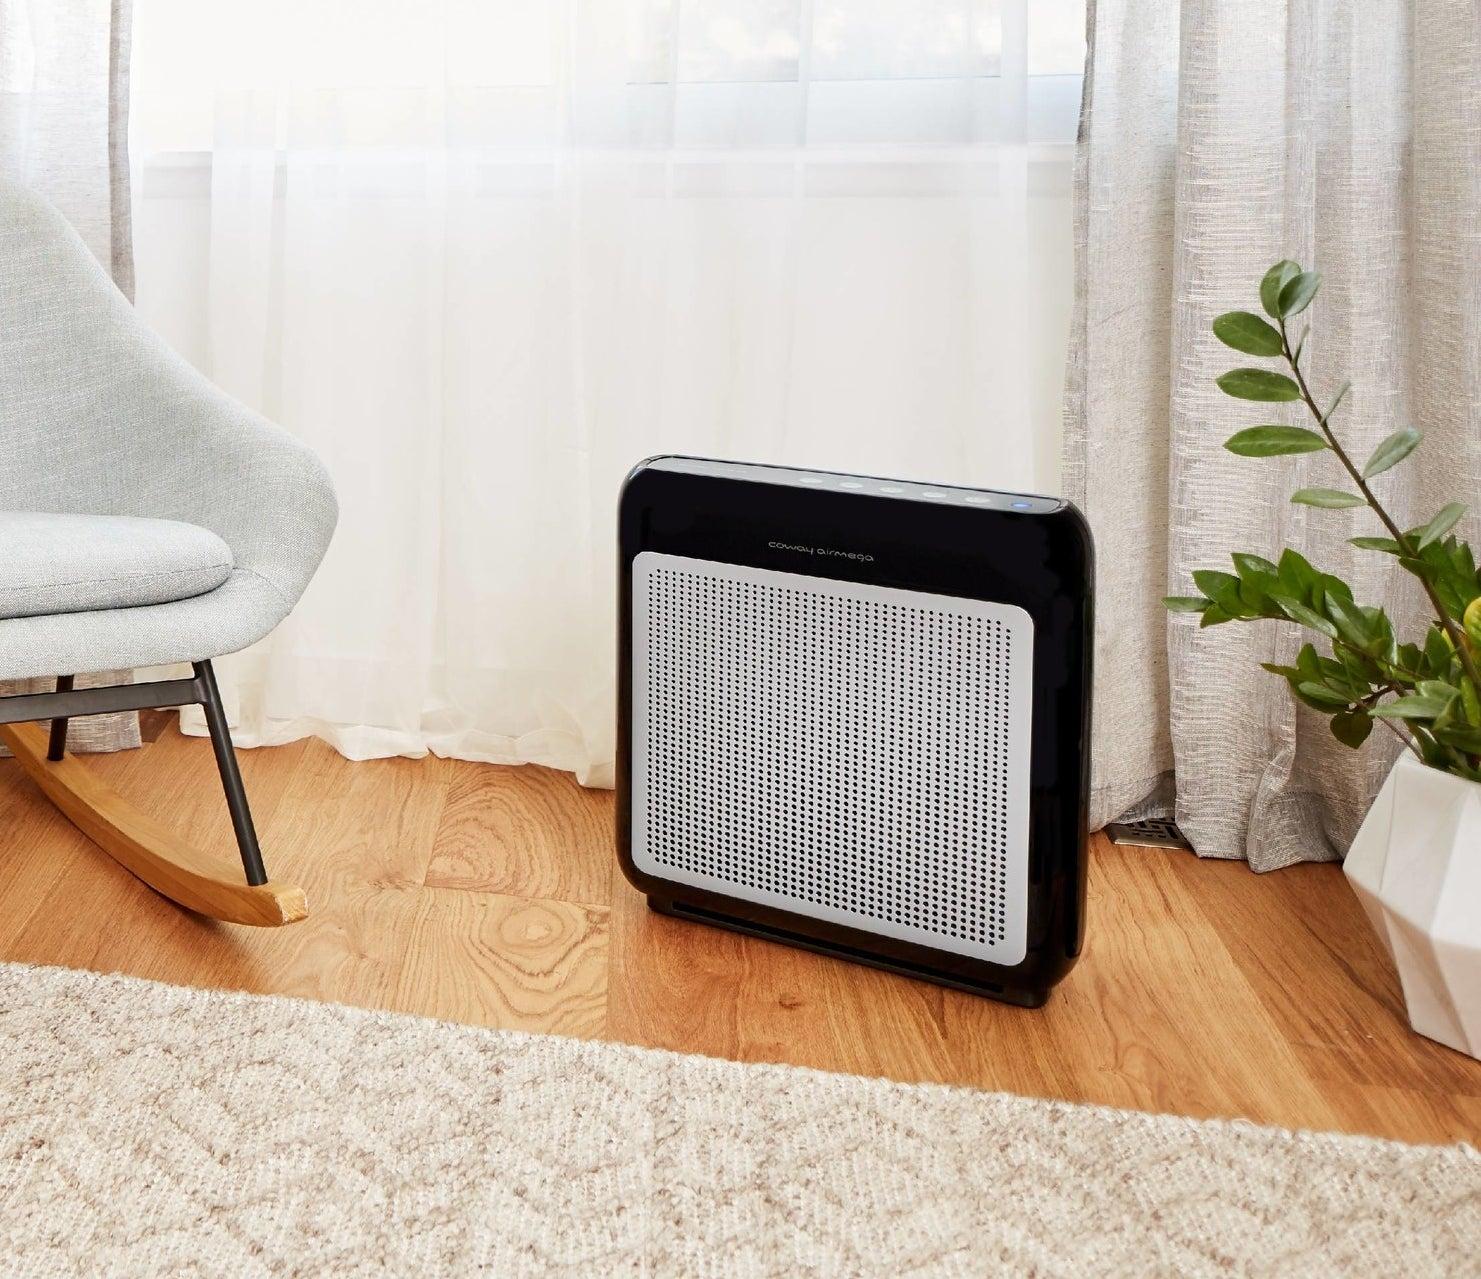 The black air purifier